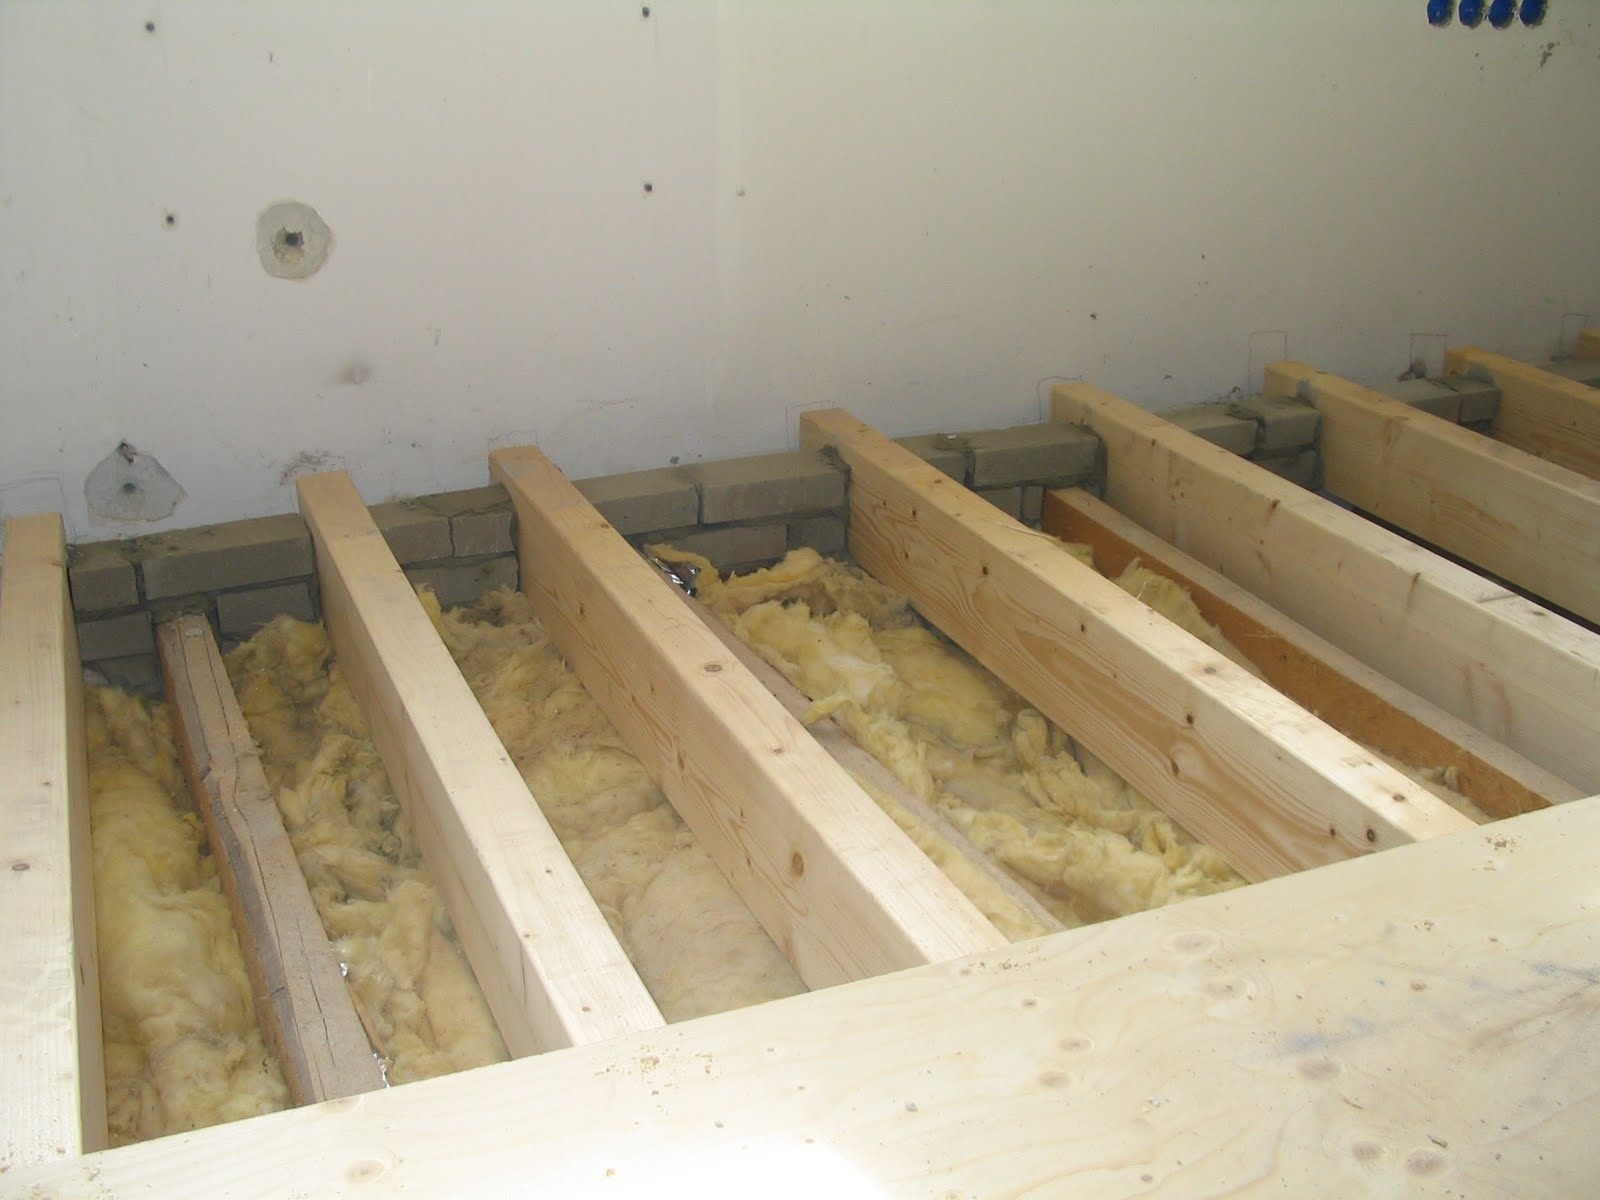 De terheijdentjes het dak deel 24 de verdiepingsvloer 3 - Plaat hoek bakken ...